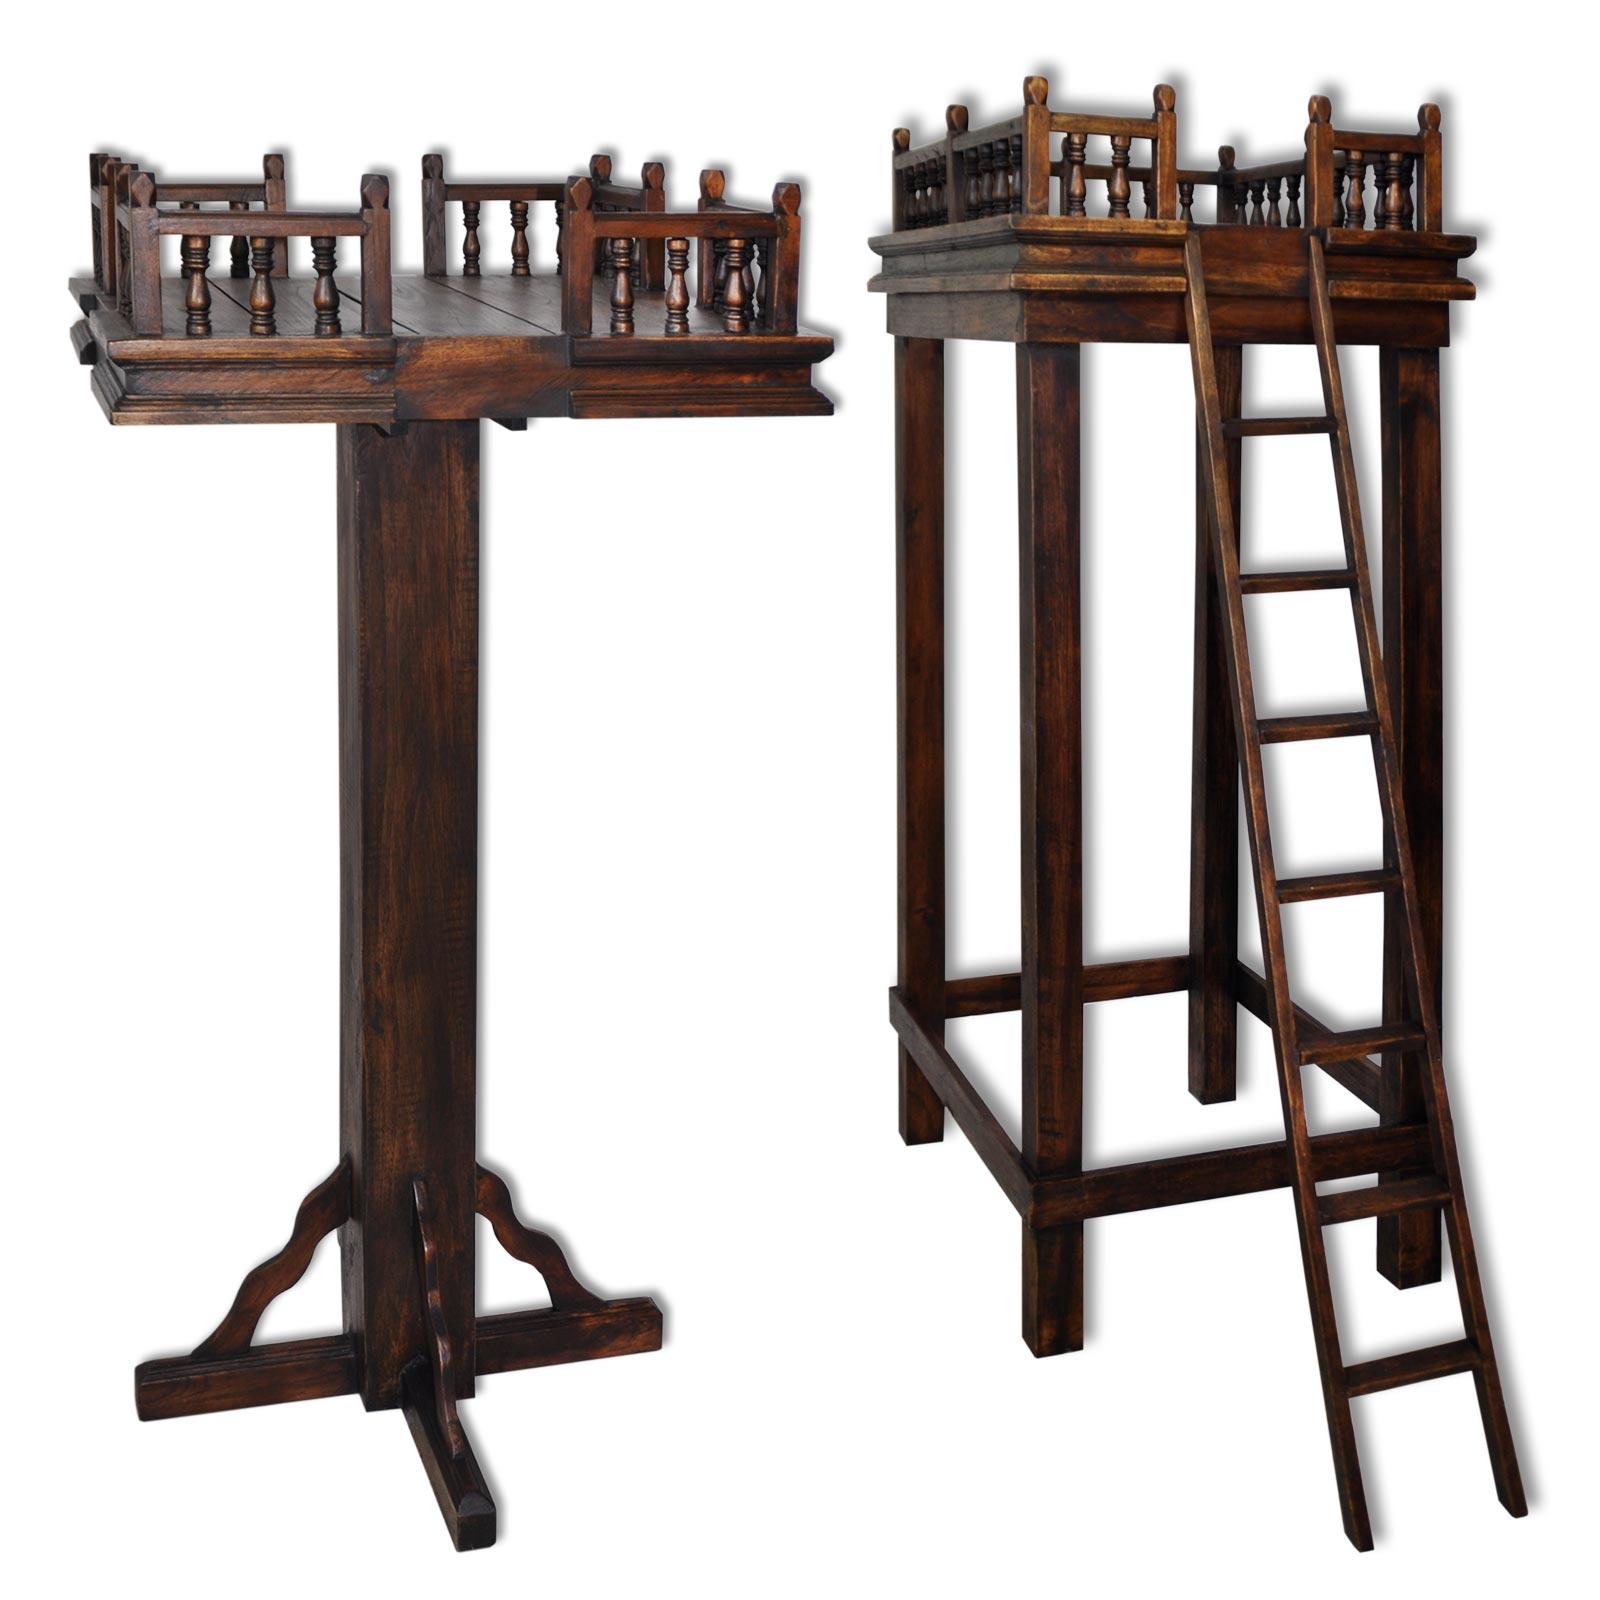 maison des esprits fang thailande maison hant e autel. Black Bedroom Furniture Sets. Home Design Ideas